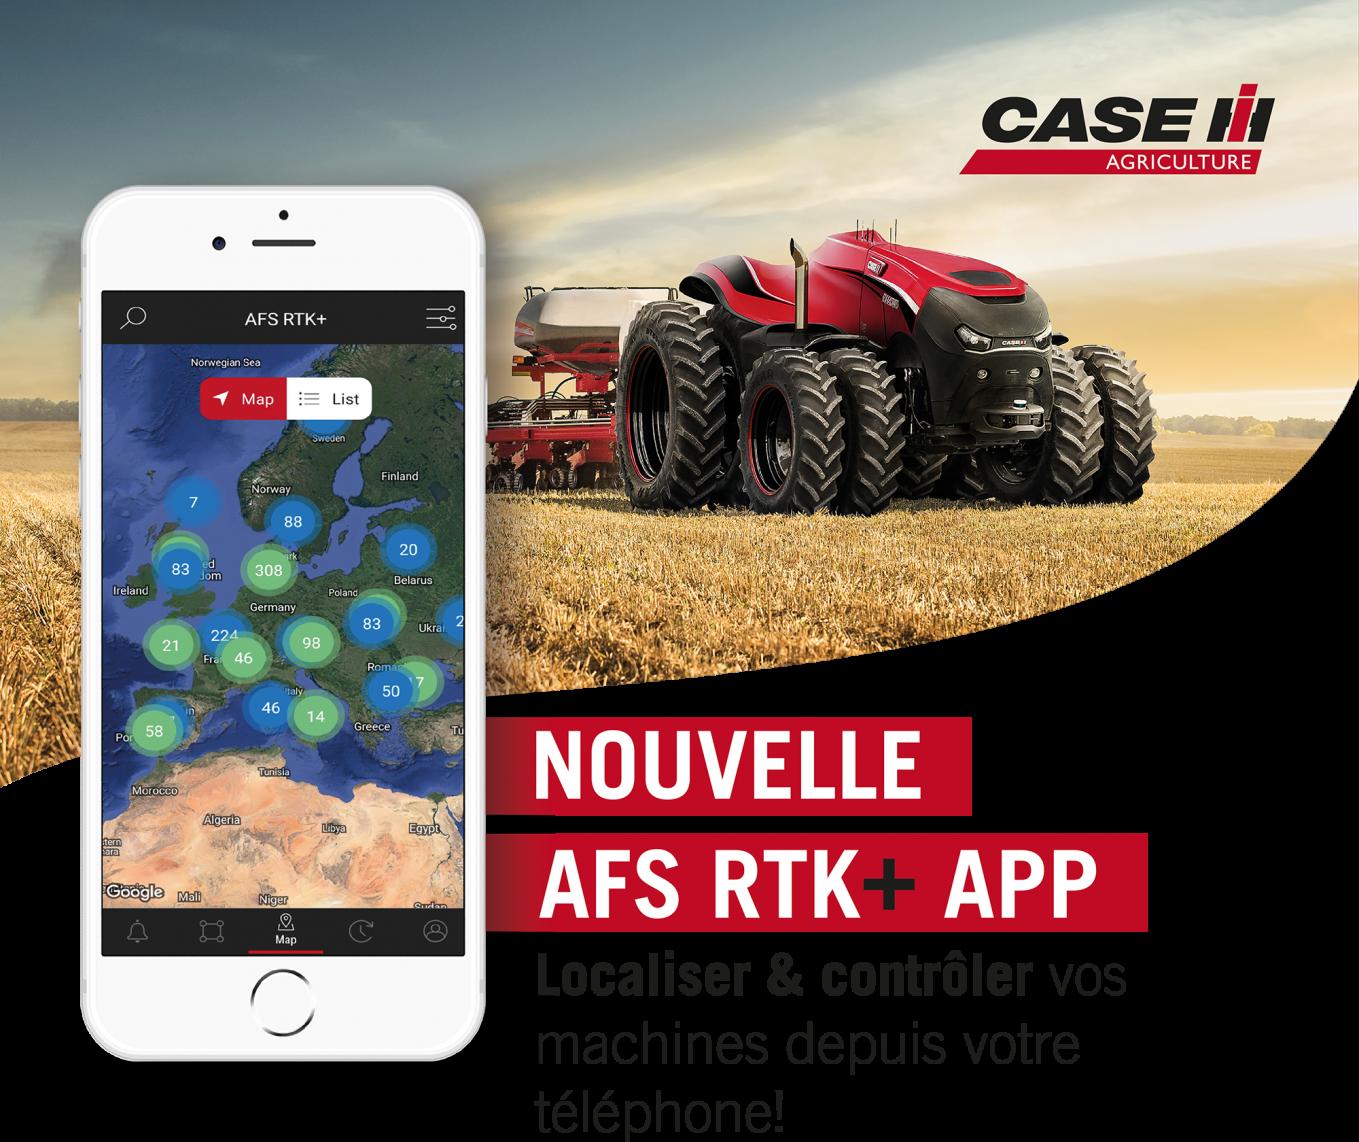 App_Flyer_CaseIH_FR (1).png